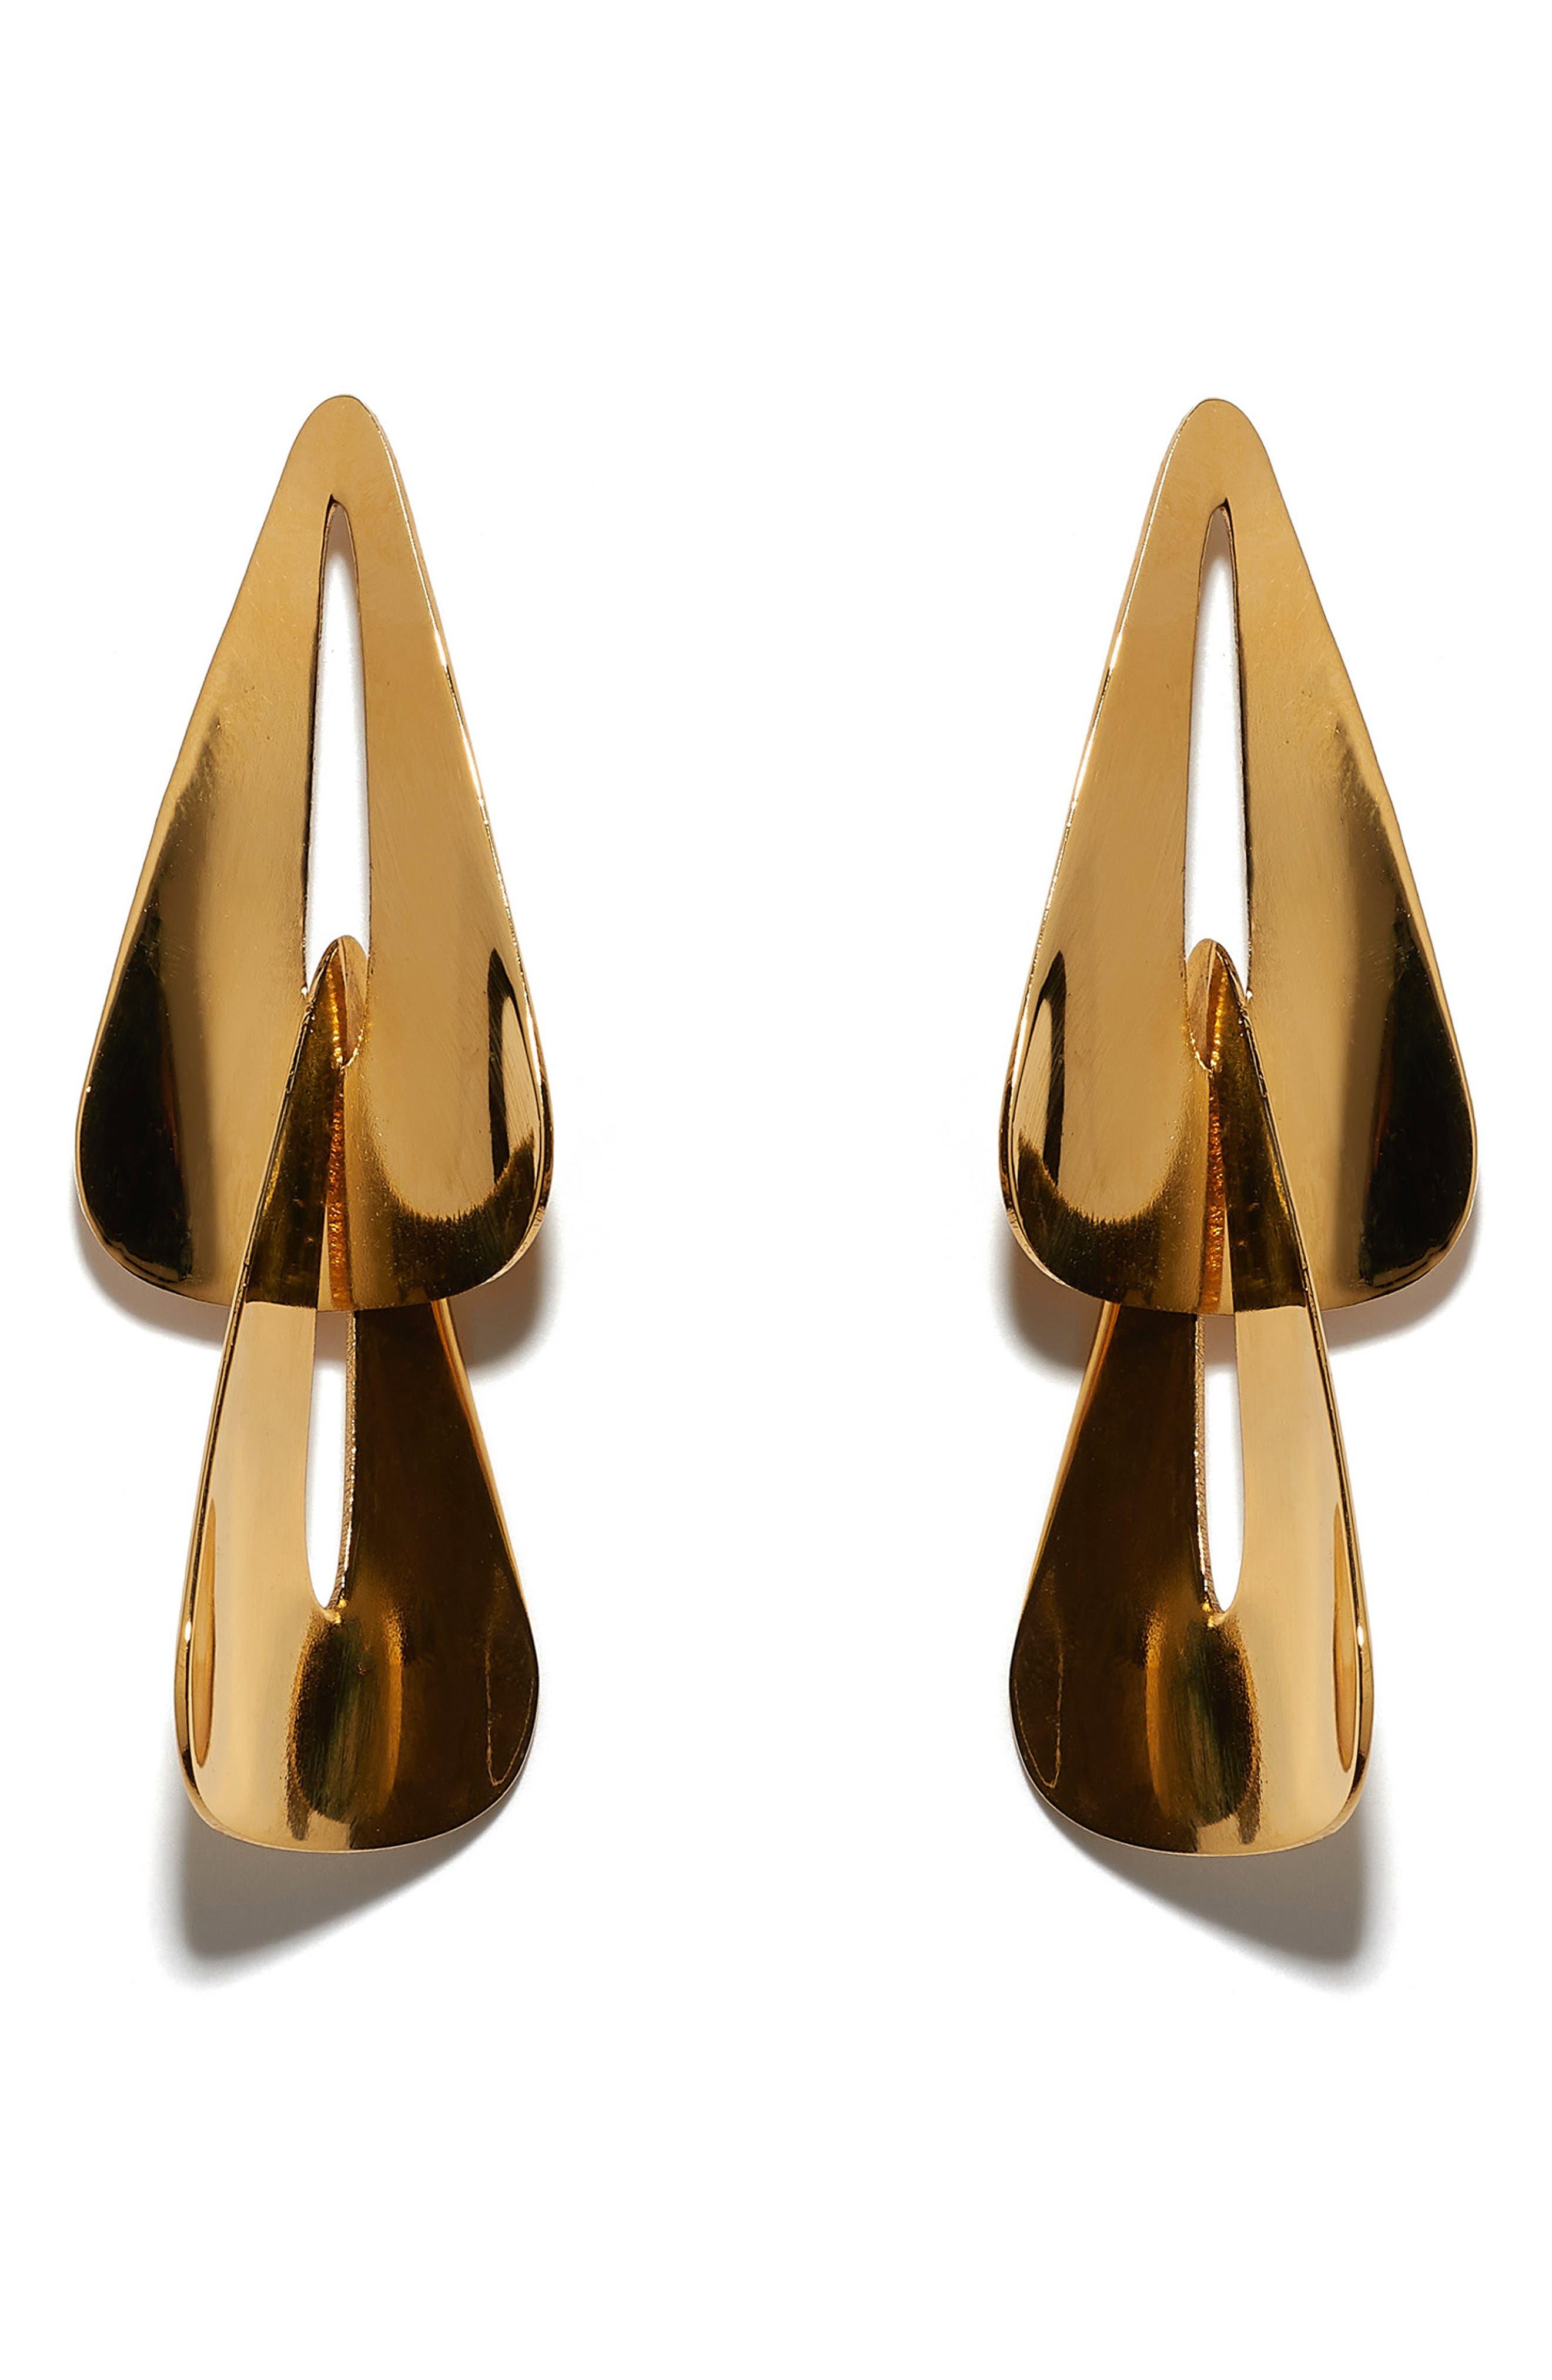 Pendulum Earrings,                             Main thumbnail 1, color,                             GOLD